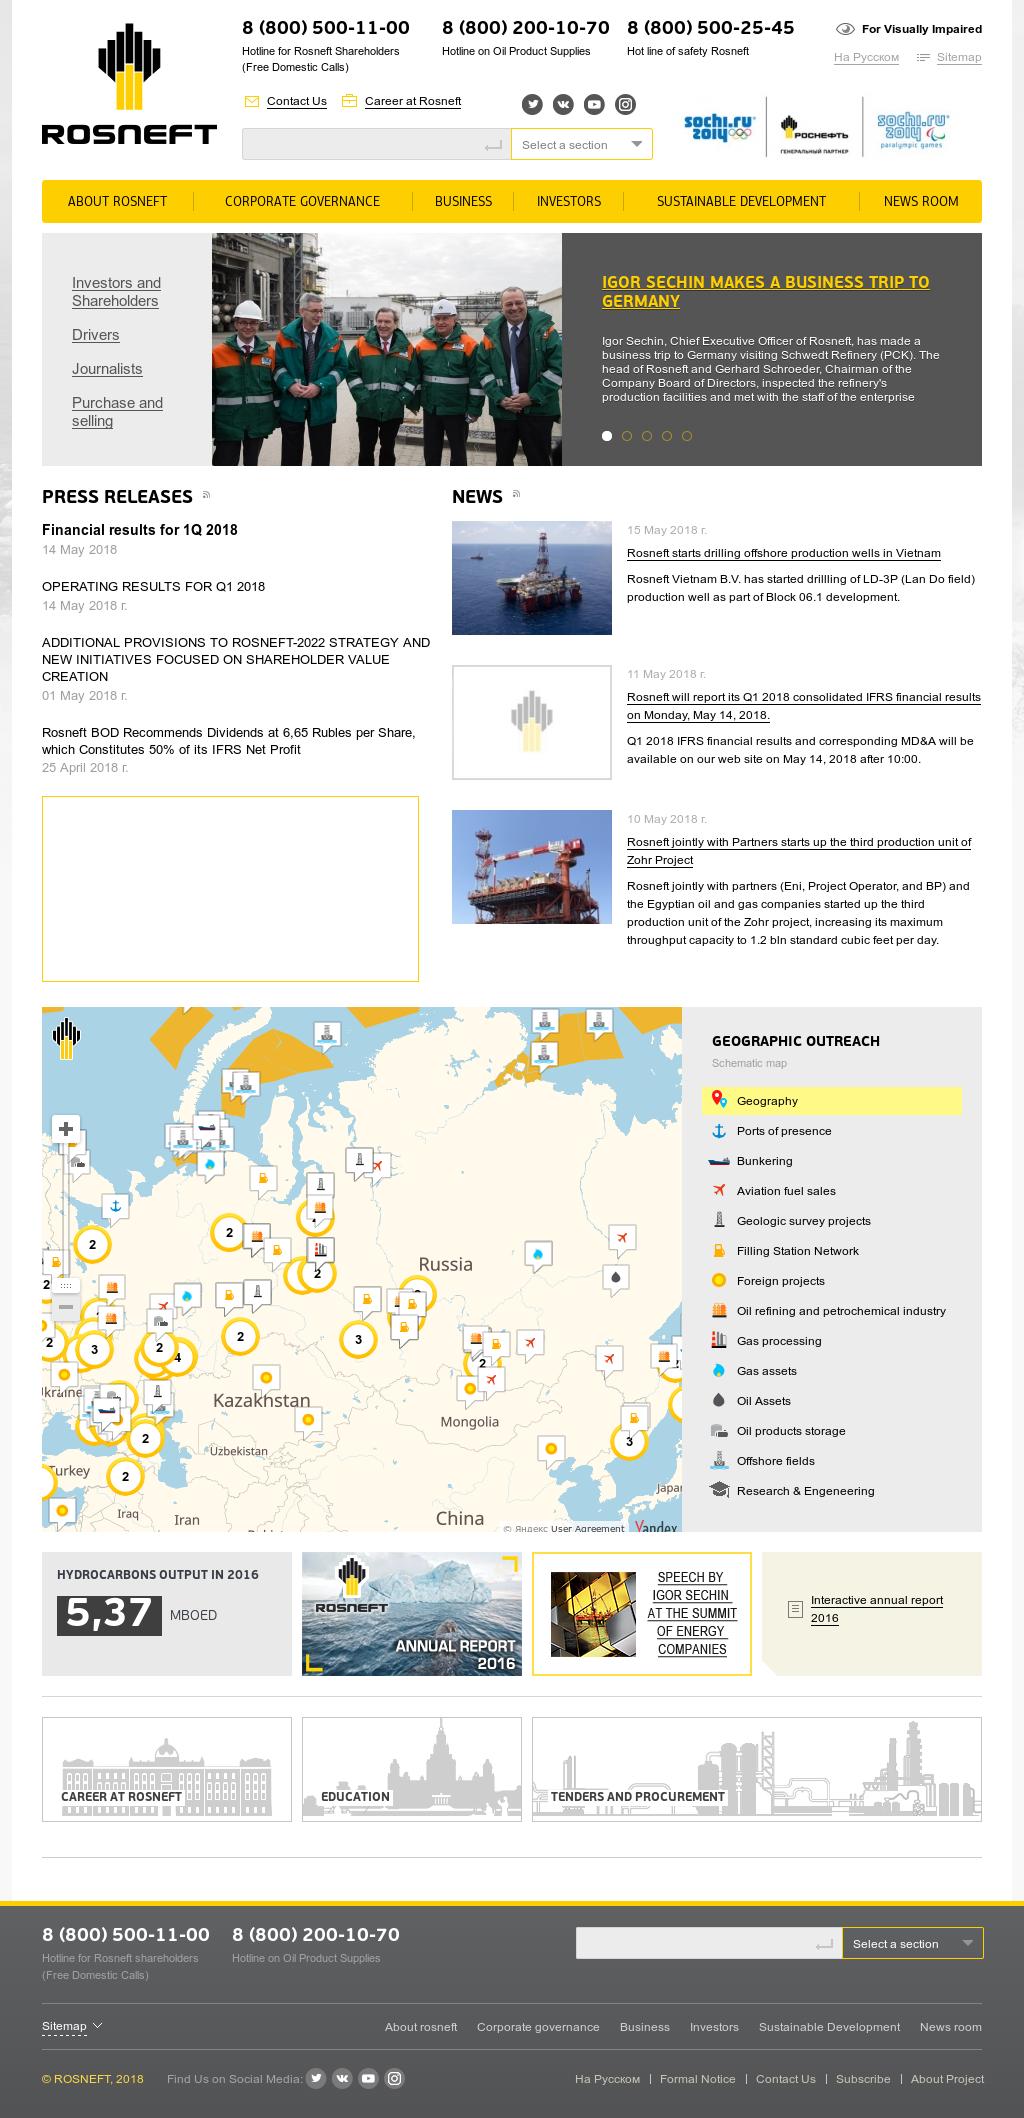 Oil Rosneft: customer reviews 42